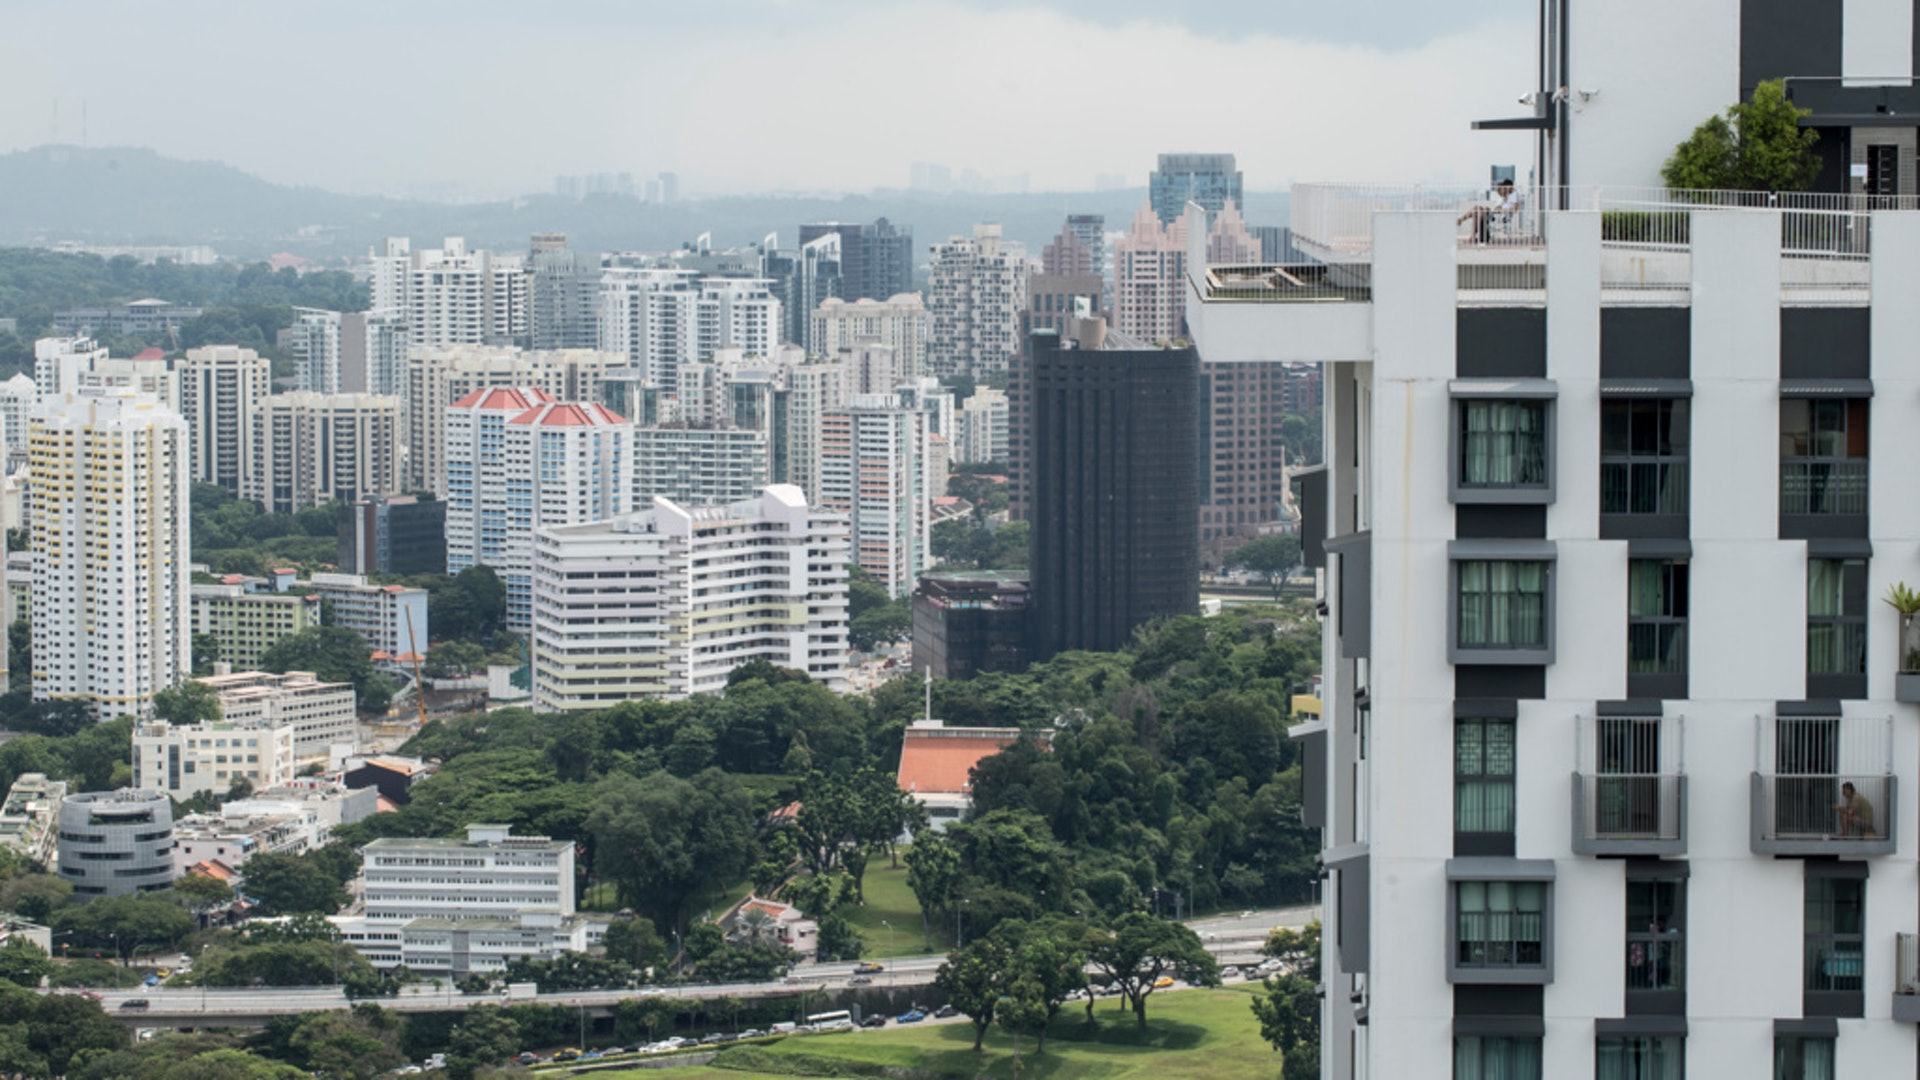 不過,陳家樂認為香港與新加坡的制度不同,港府不能完全抄襲。(羅君豪攝)